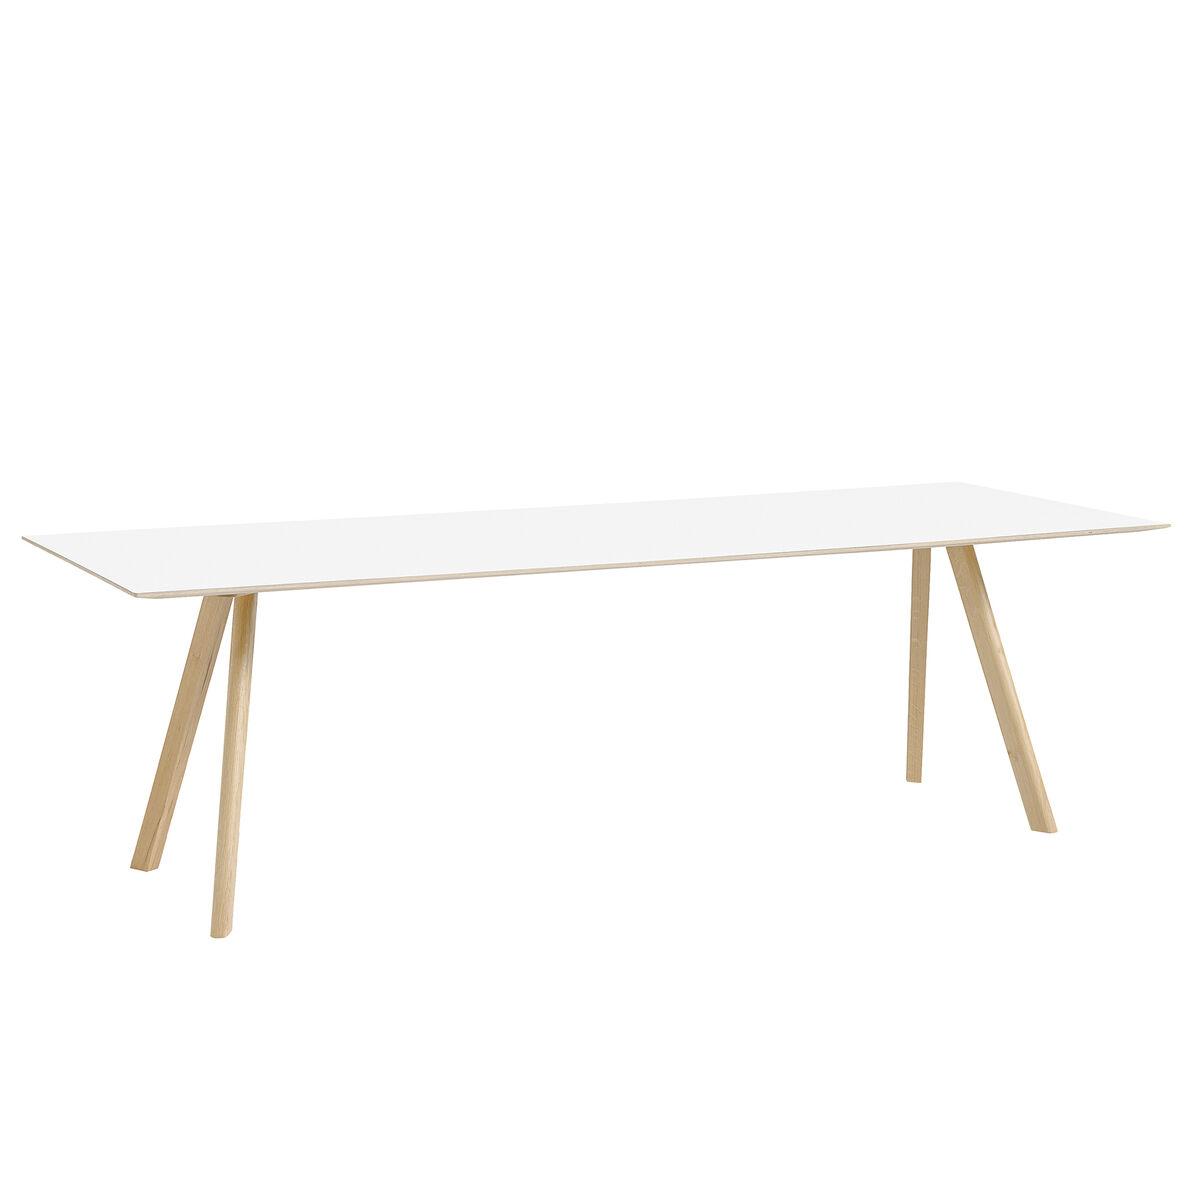 Hay CPH30 pöytä 250x90 cm, mattalakattu tammi - valkoinen laminaatti